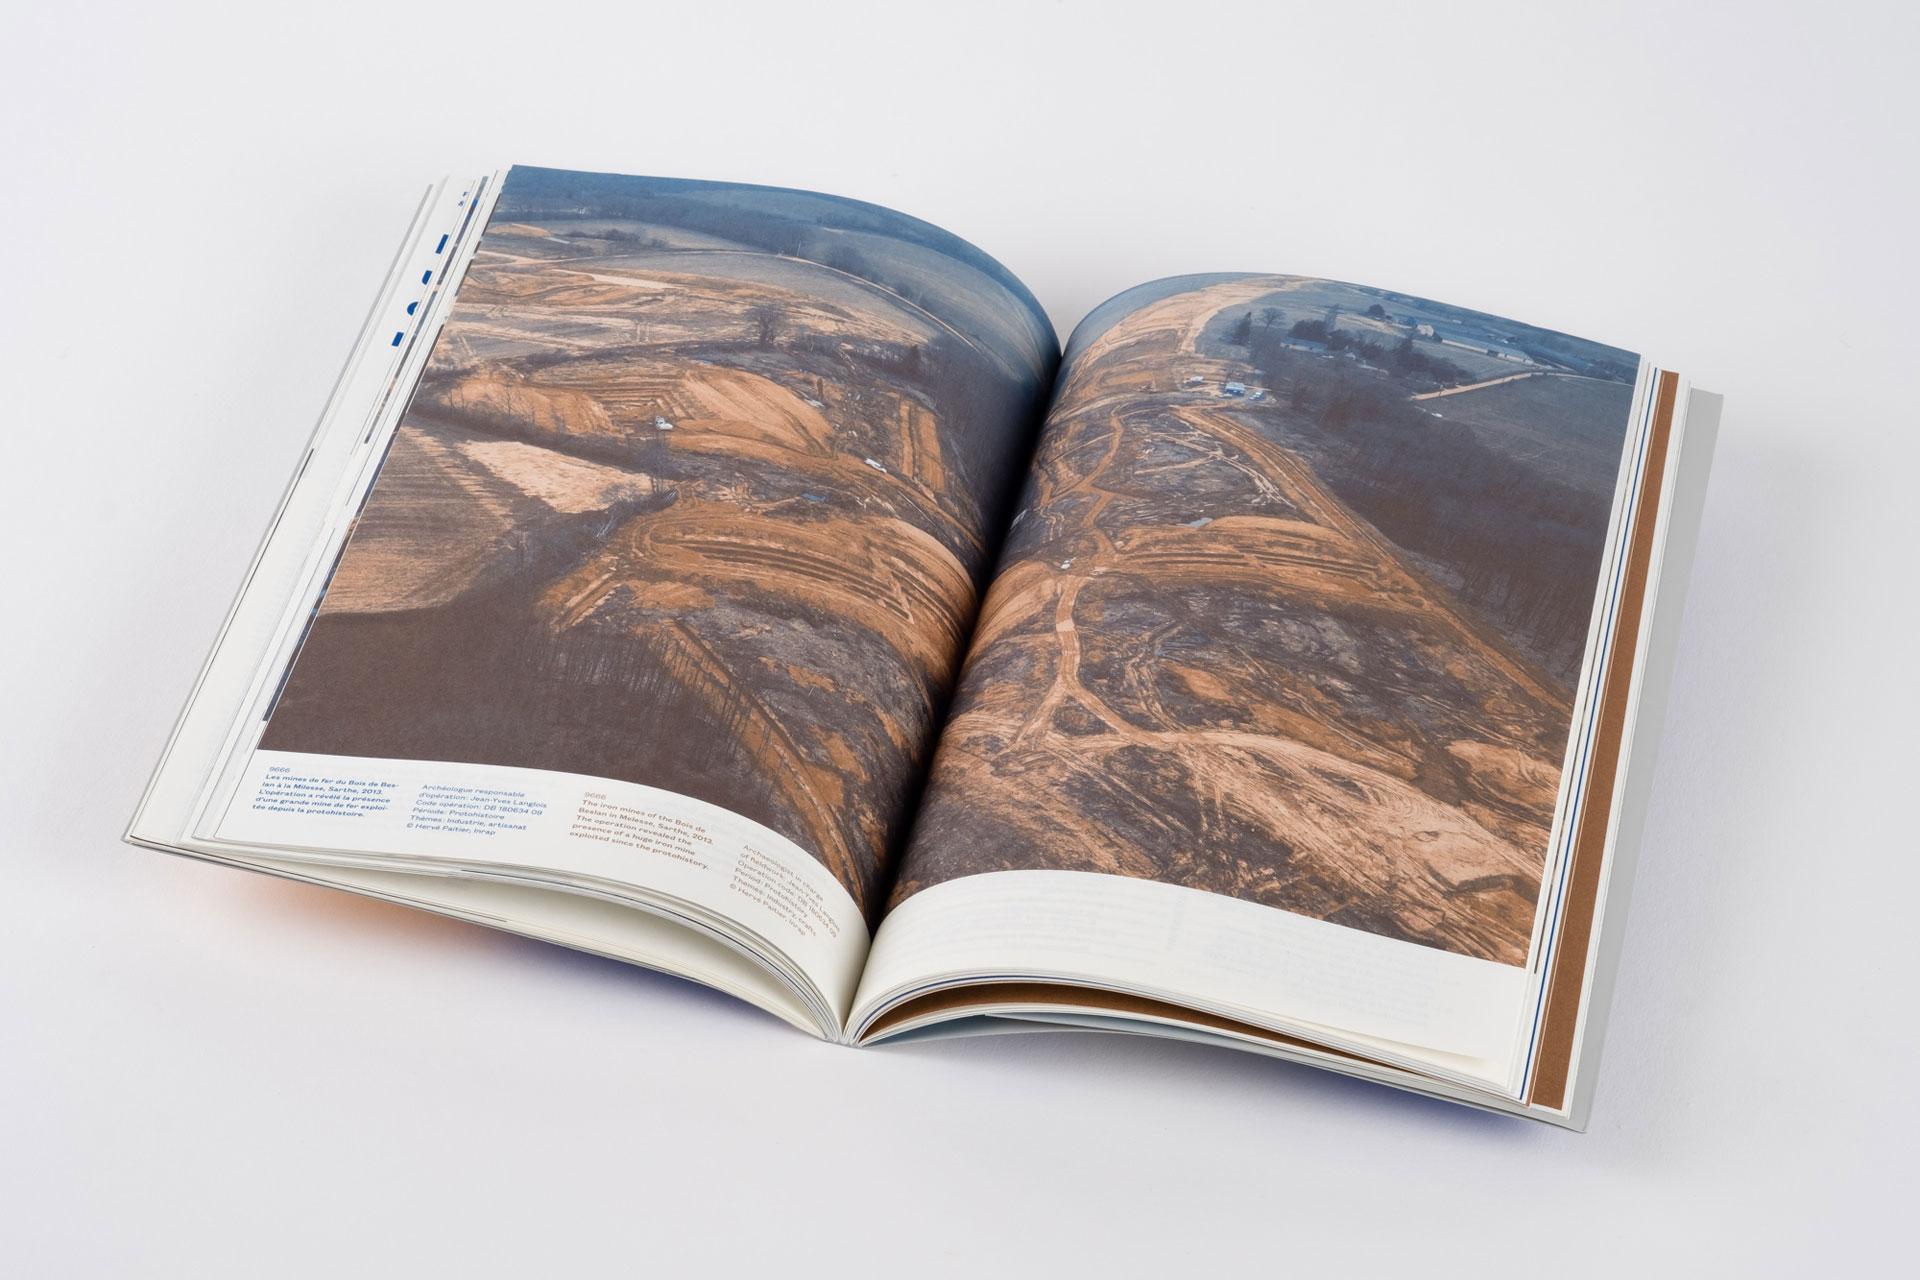 lacune féconde, fecund lacuna artist book by Marc Johnson©Toan_Vu-Huu